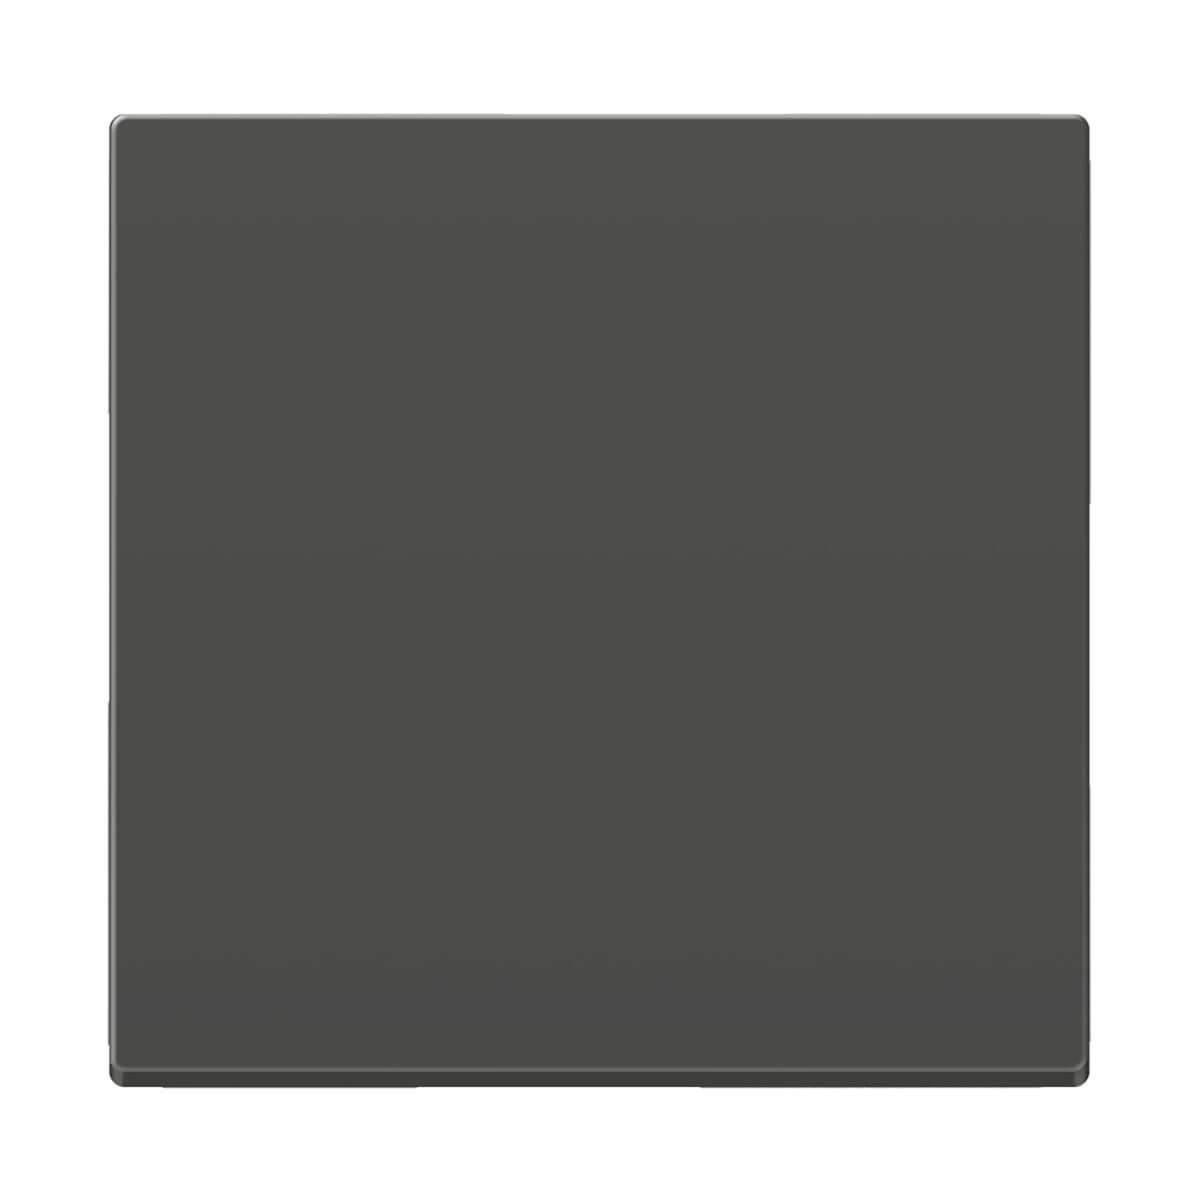 Выключатель Werkel 4690389053986 Серо-коричневый супермаркет] [jingdong heanor heenoor xn 5657 310мл вакуум из нержавеющей стали в вертикальном положении стакан воды серо коричневый